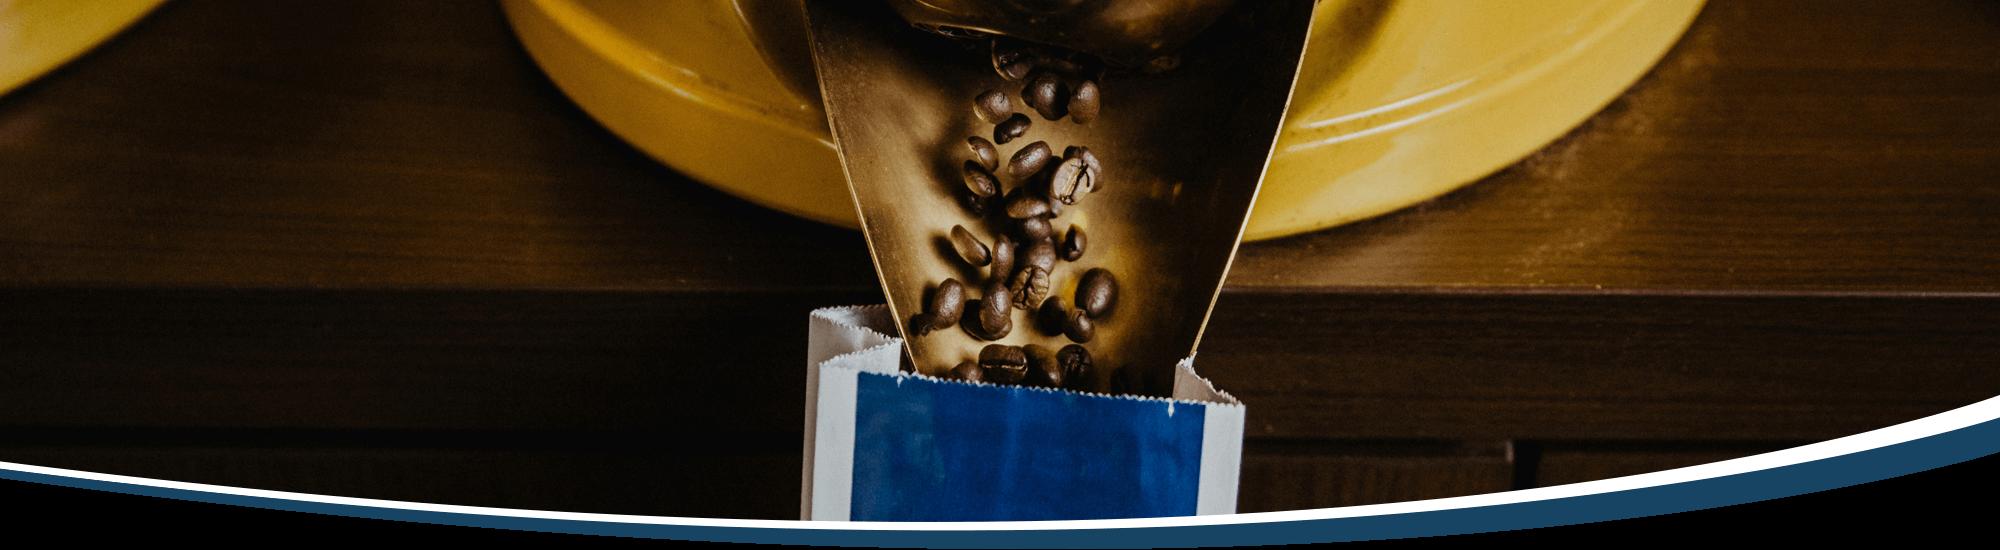 Kaffeebohnen fallen aus der Öffnung einer Kaffeeschütte in eine Aromatüte.